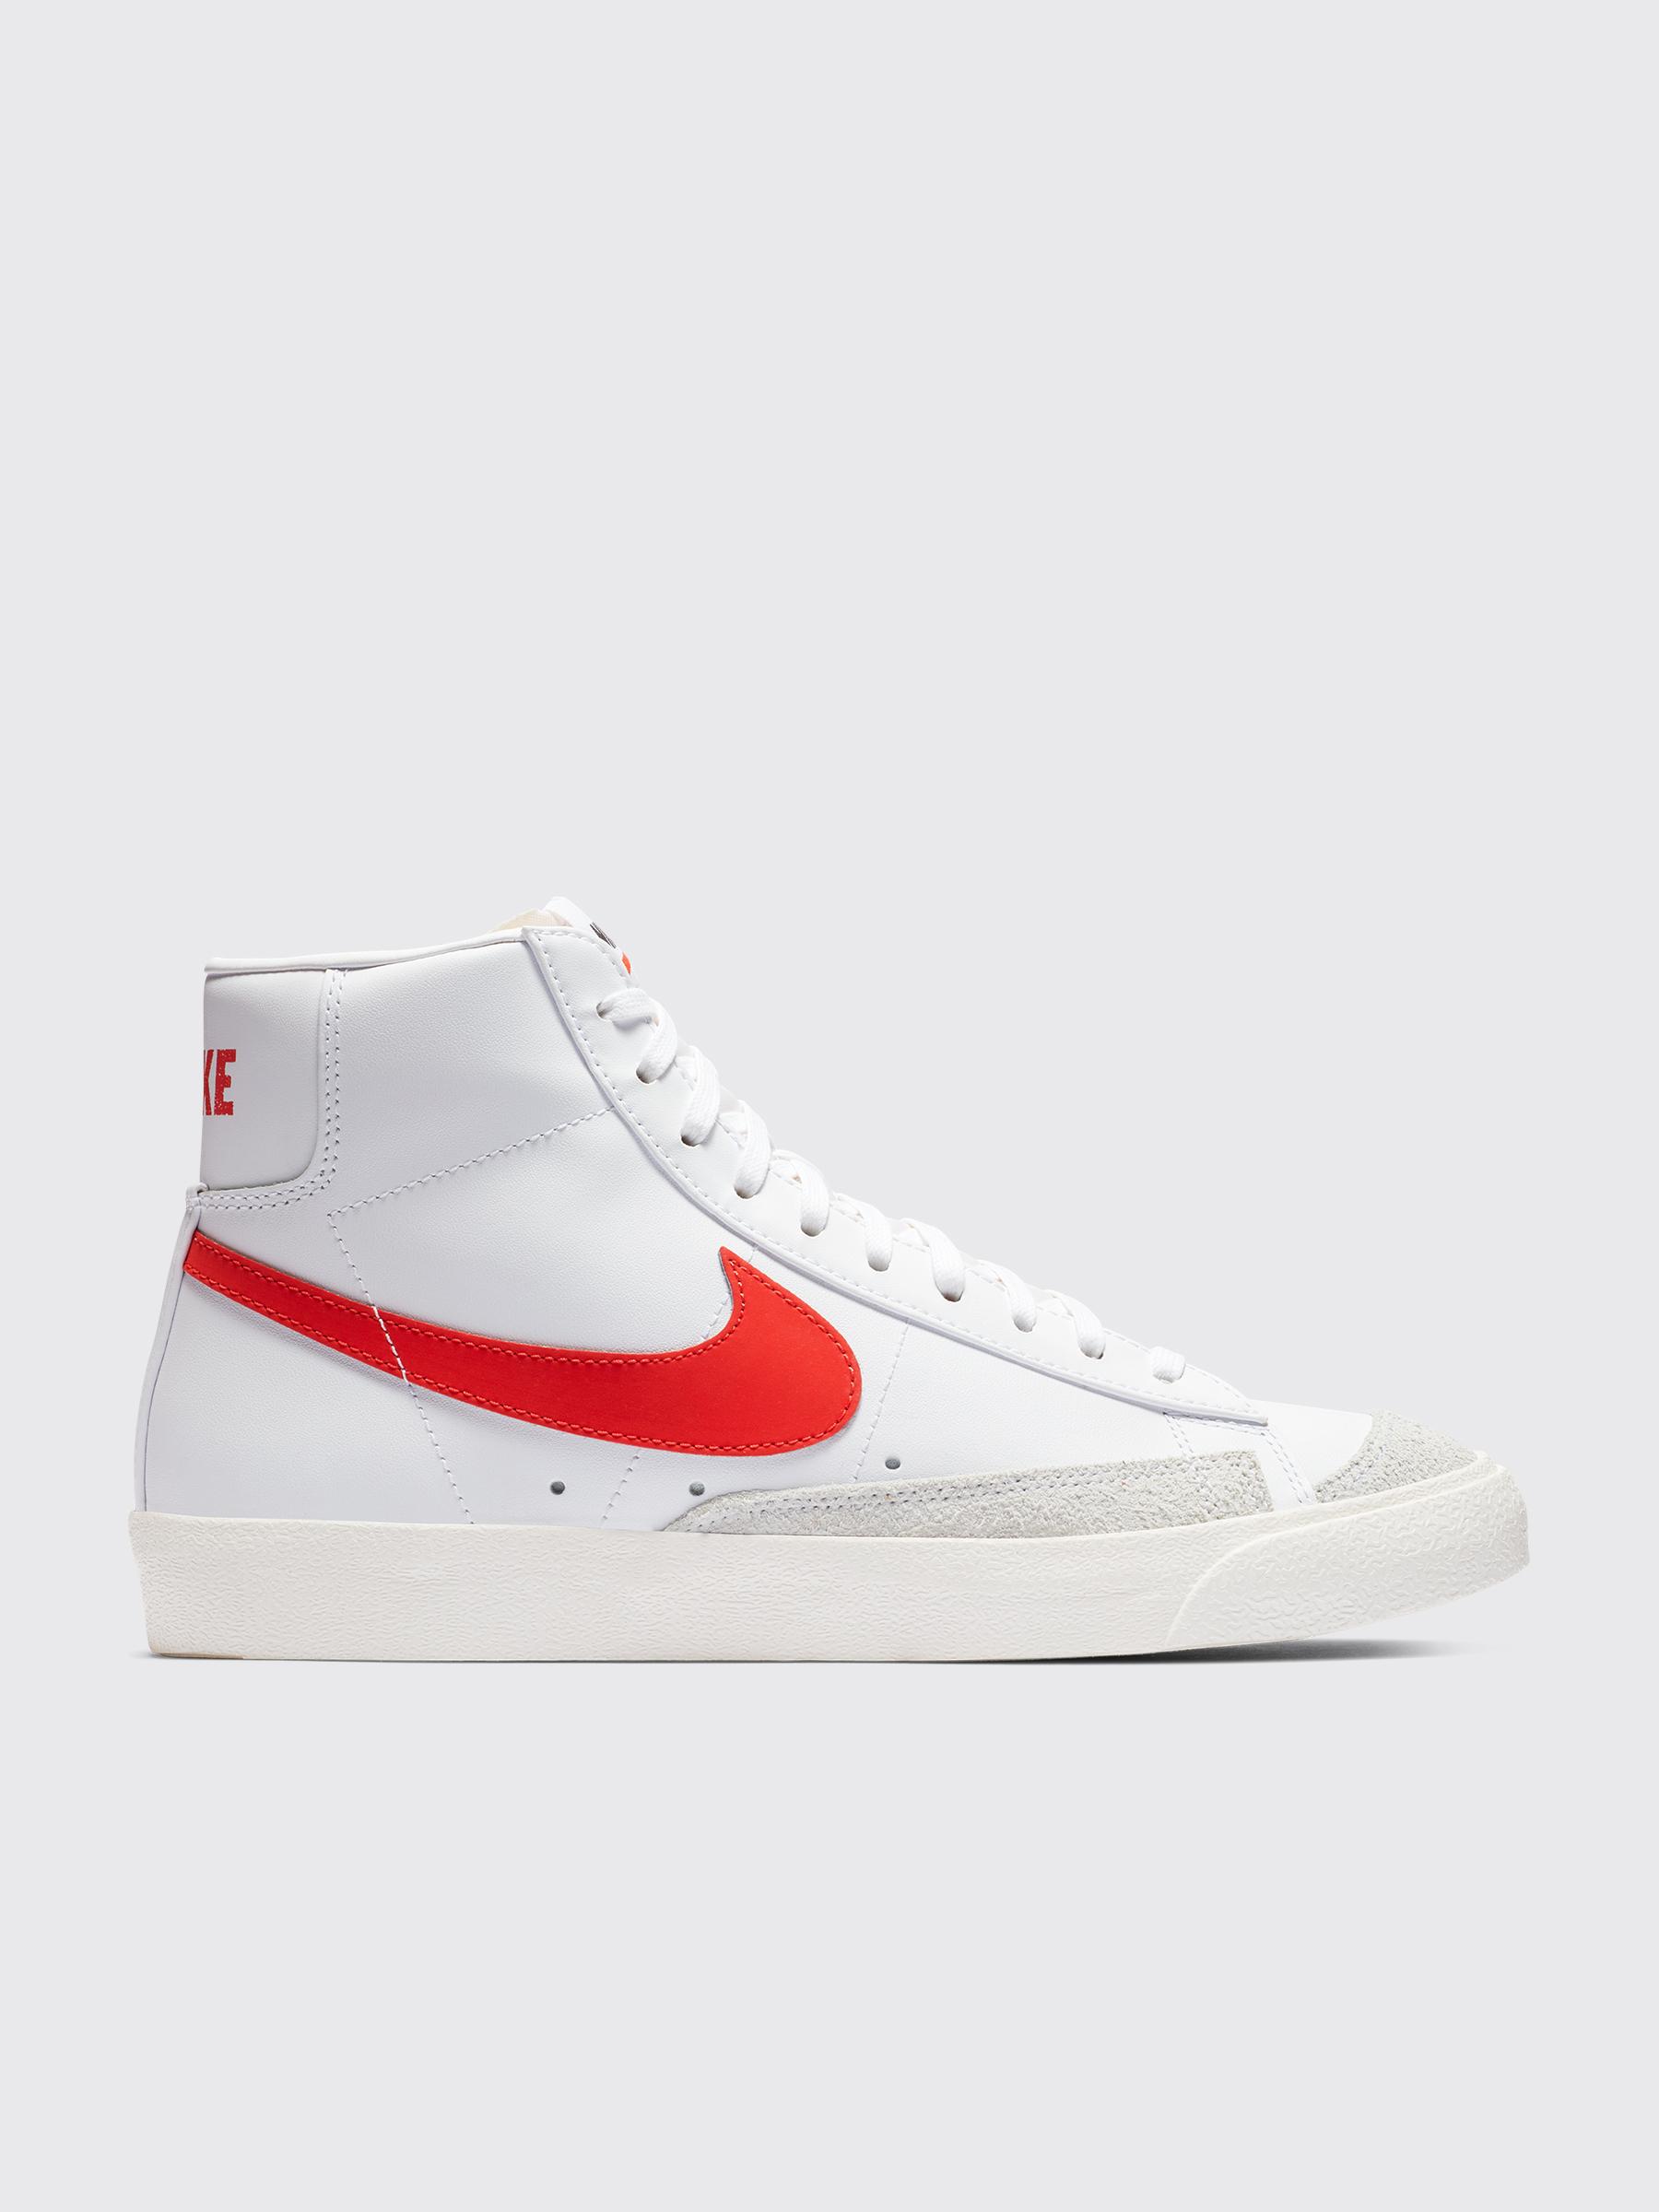 reputable site 981b6 193b2 Très Bien - Nike Blazer Mid  77 Vintage Habanero Red